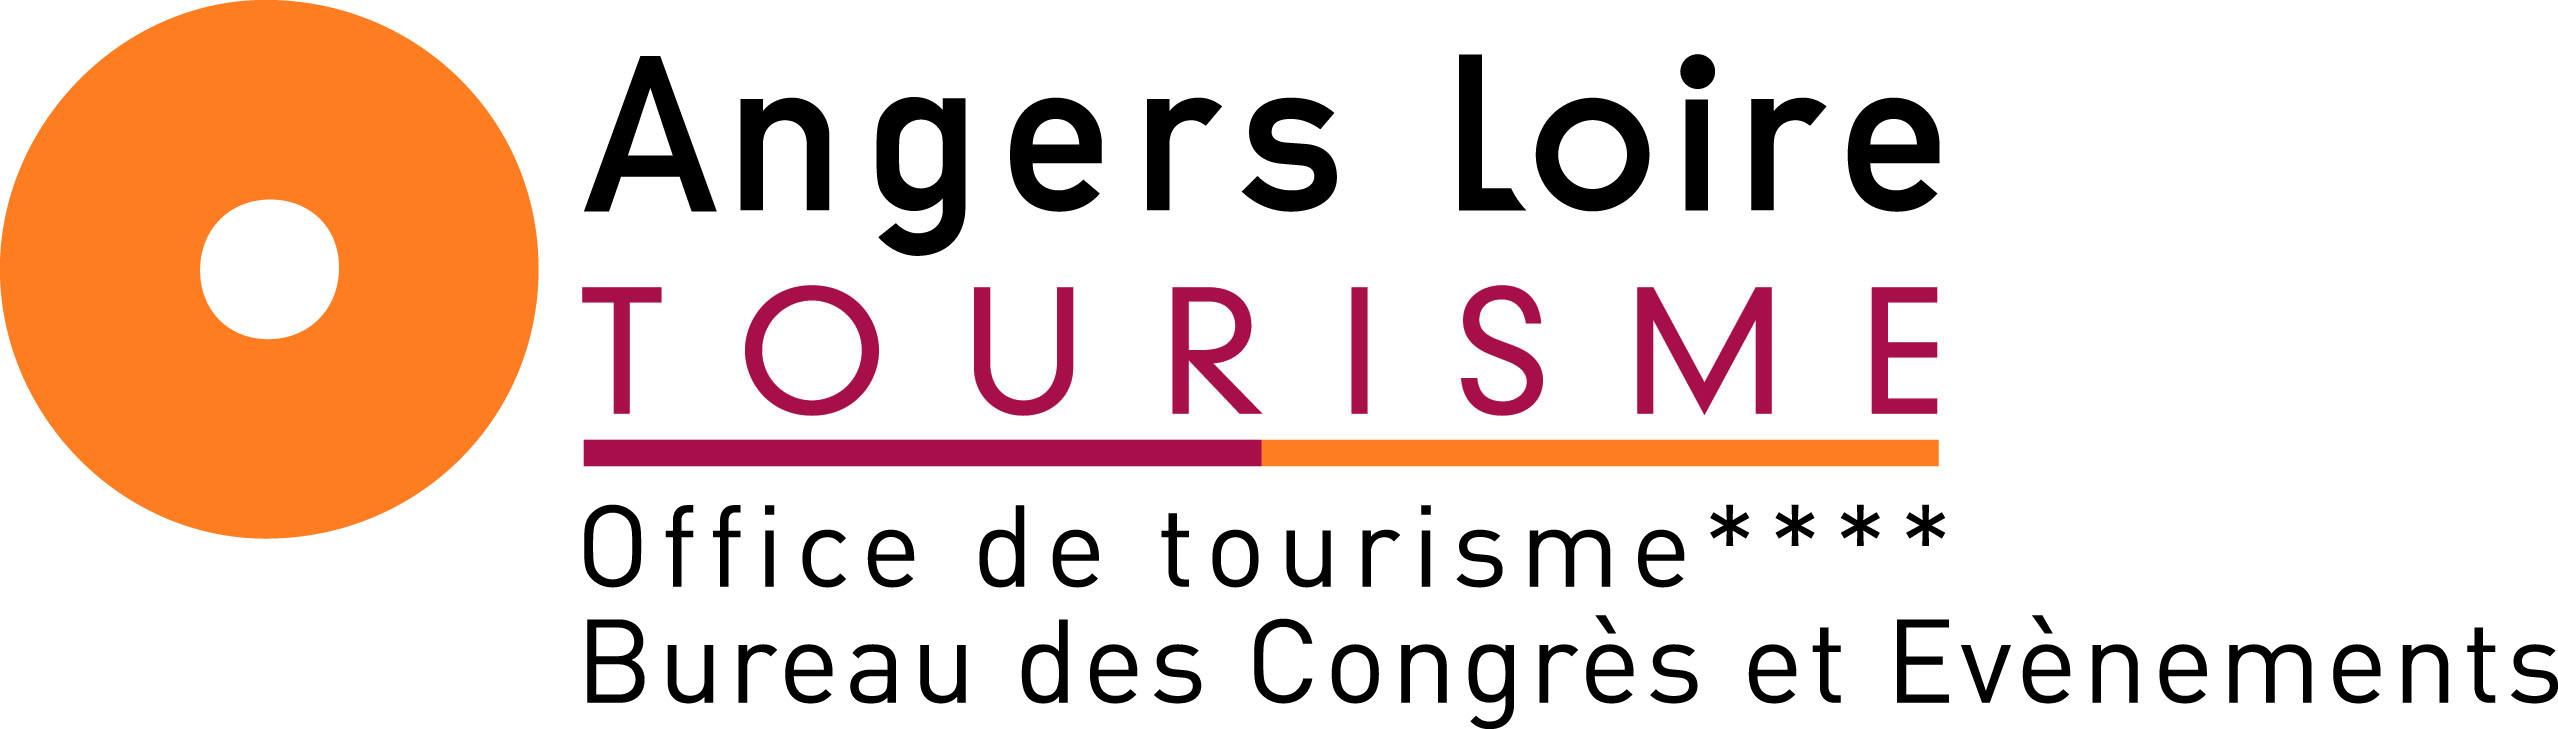 Angers Loire Tourisme